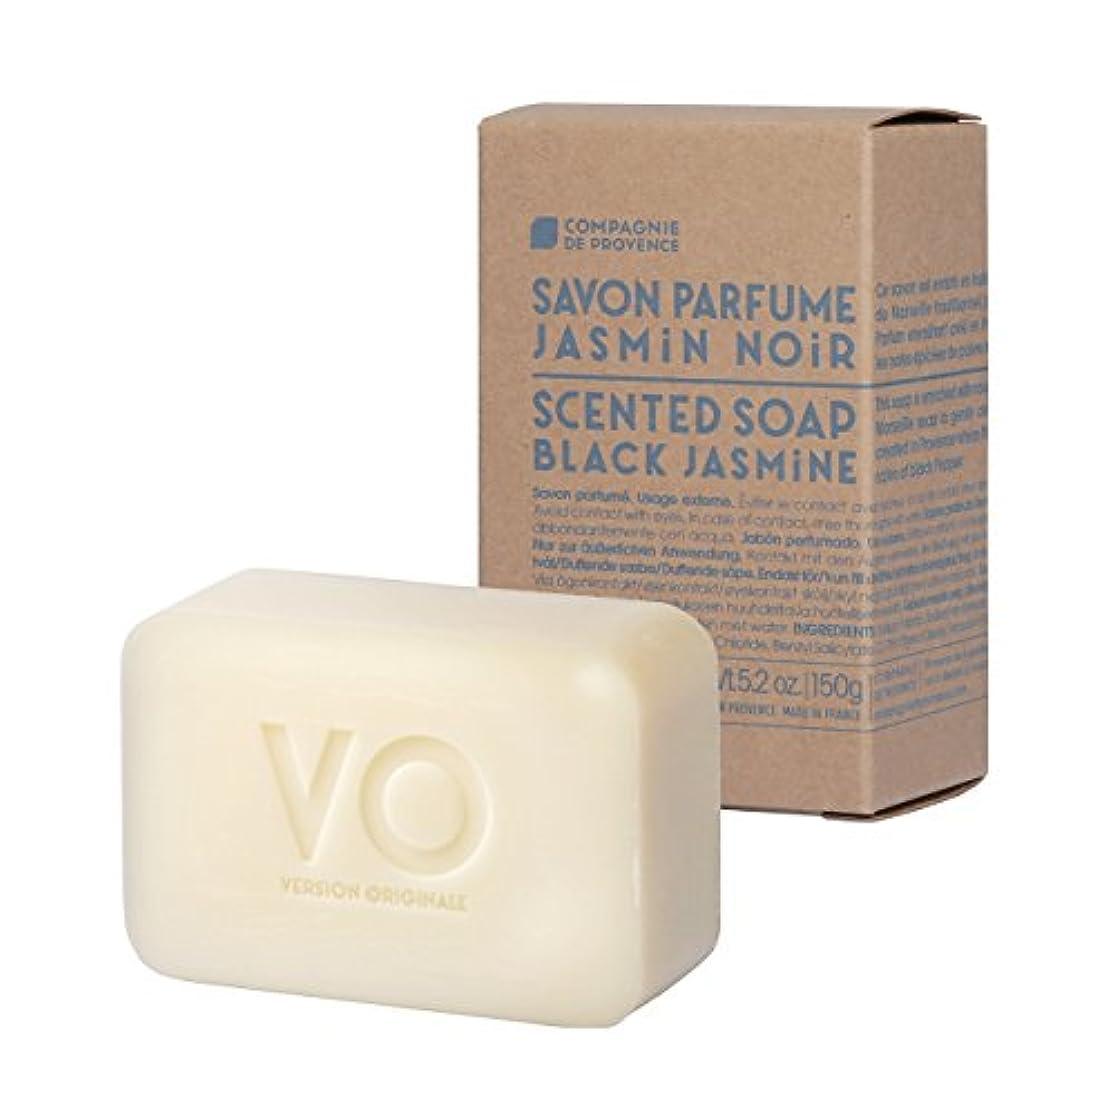 フィヨルドばかげた静的カンパニードプロバンス バージョンオリジナル センティッドソープ ブラックジャスミン(すっきりとした中にも甘さがある香り) 150g